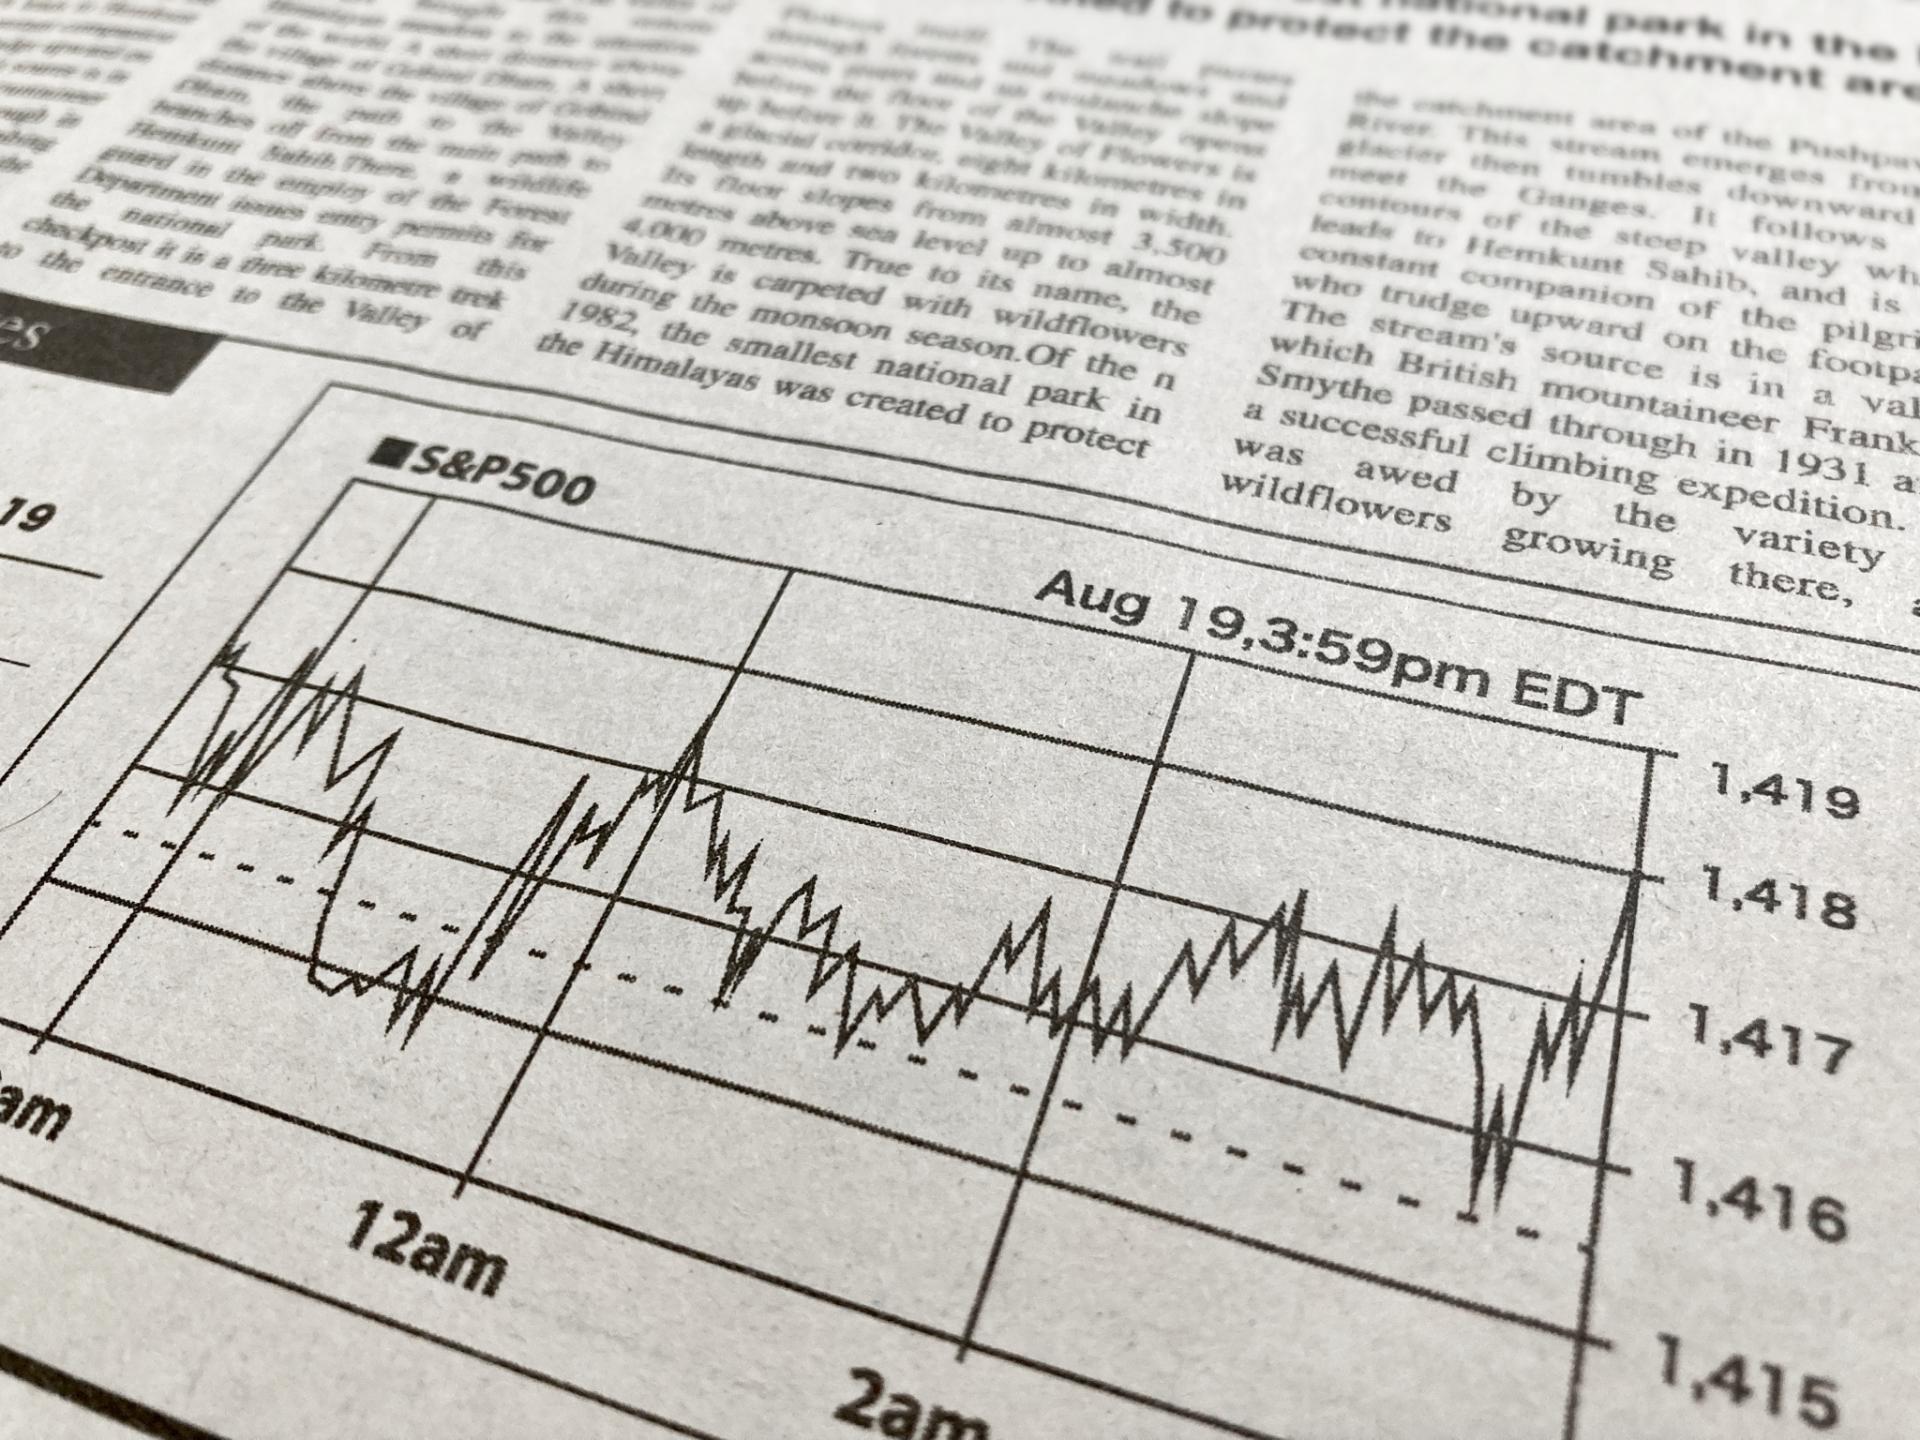 株価チャート - 【解説】ストックオプションの概要と種類及びメリット・デメリット